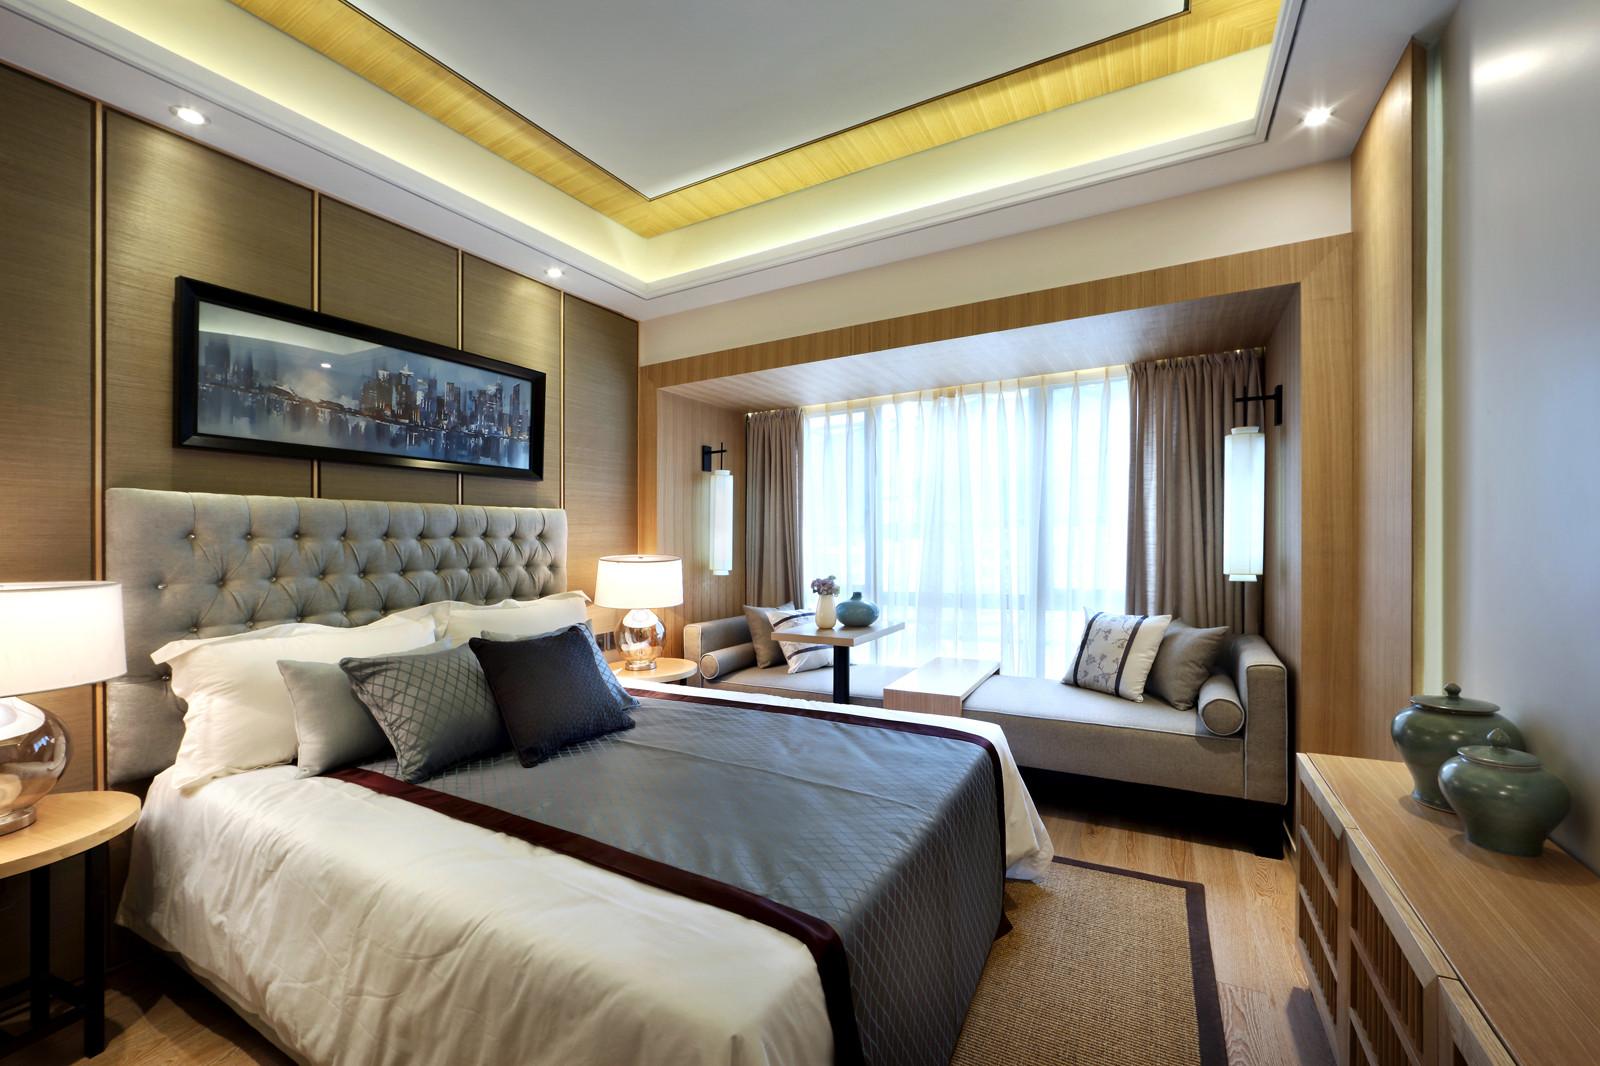 新中式样板房装修次卧效果图